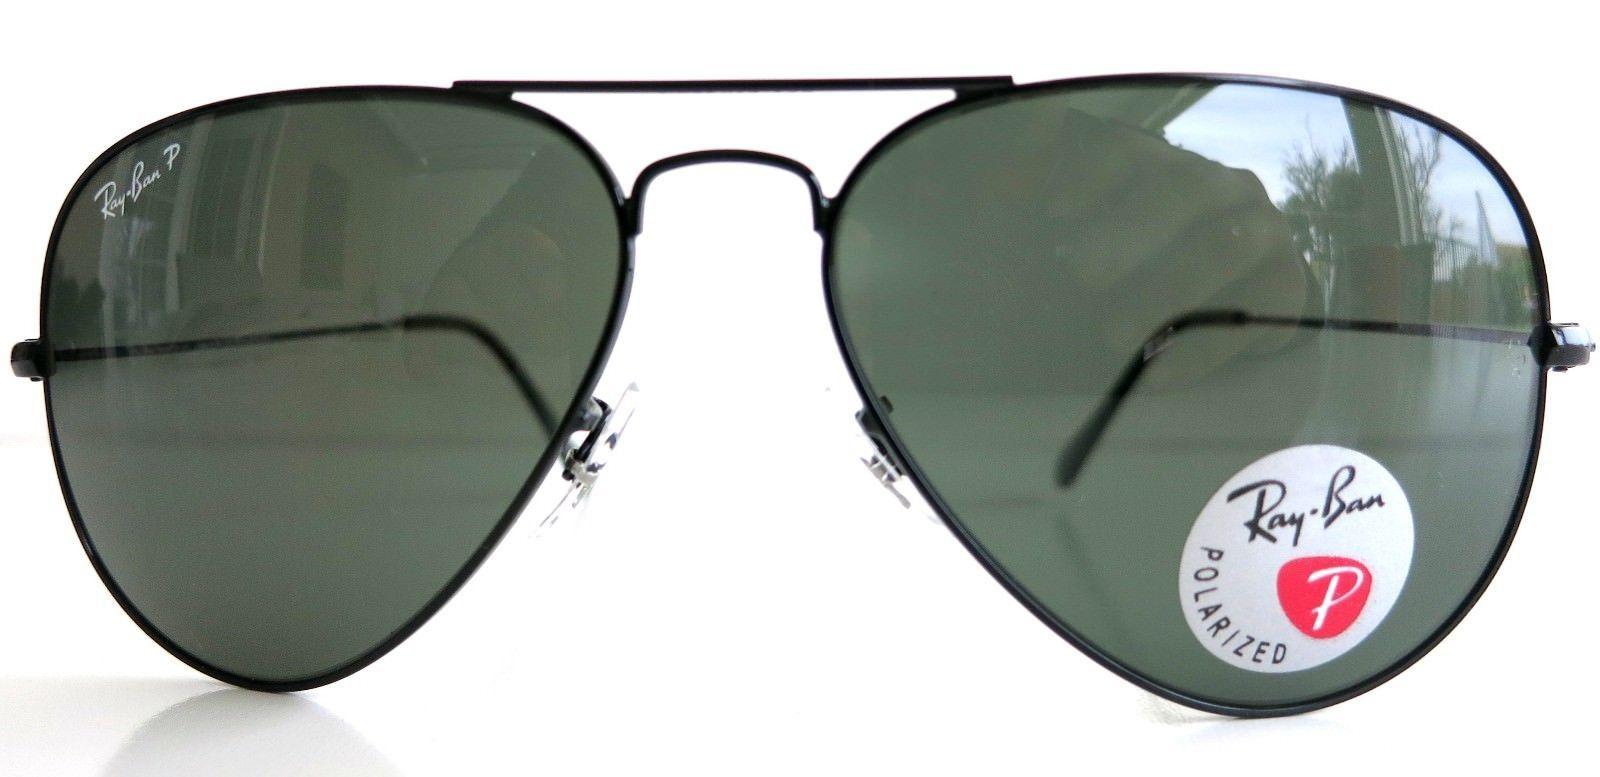 6784403101c03 S l1600. S l1600. Previous. Ray-Ban Aviator Polarized 3025 002 58 Aviator  Dark Frame Dark Lenses Sunglasses